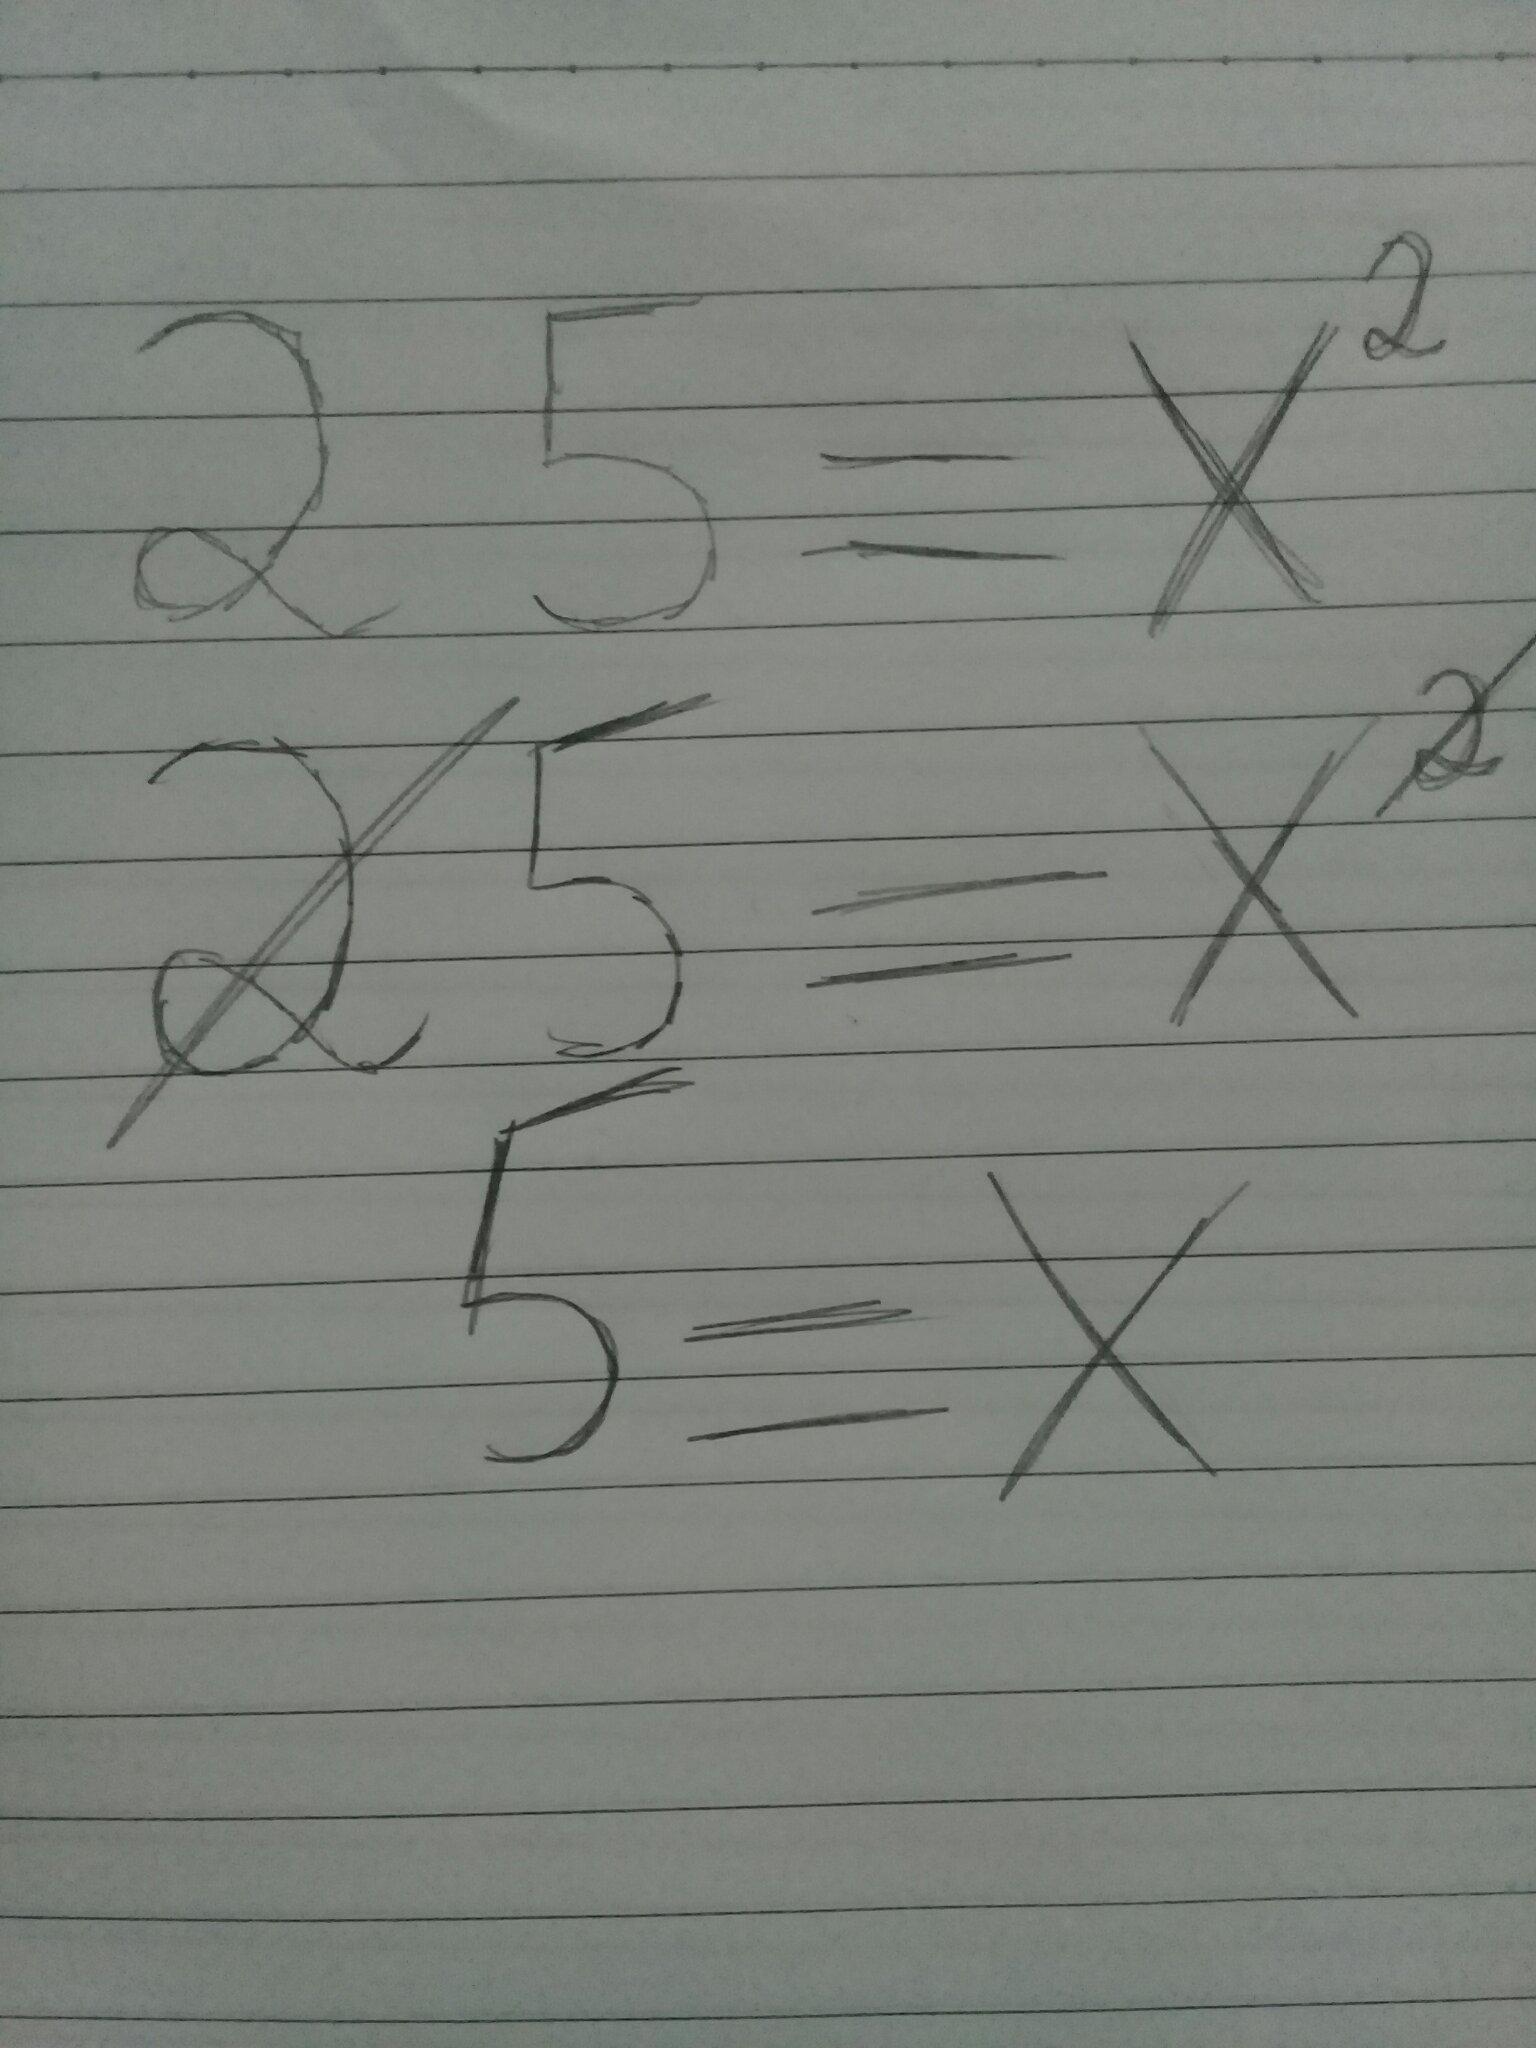 How to mathmathic - meme